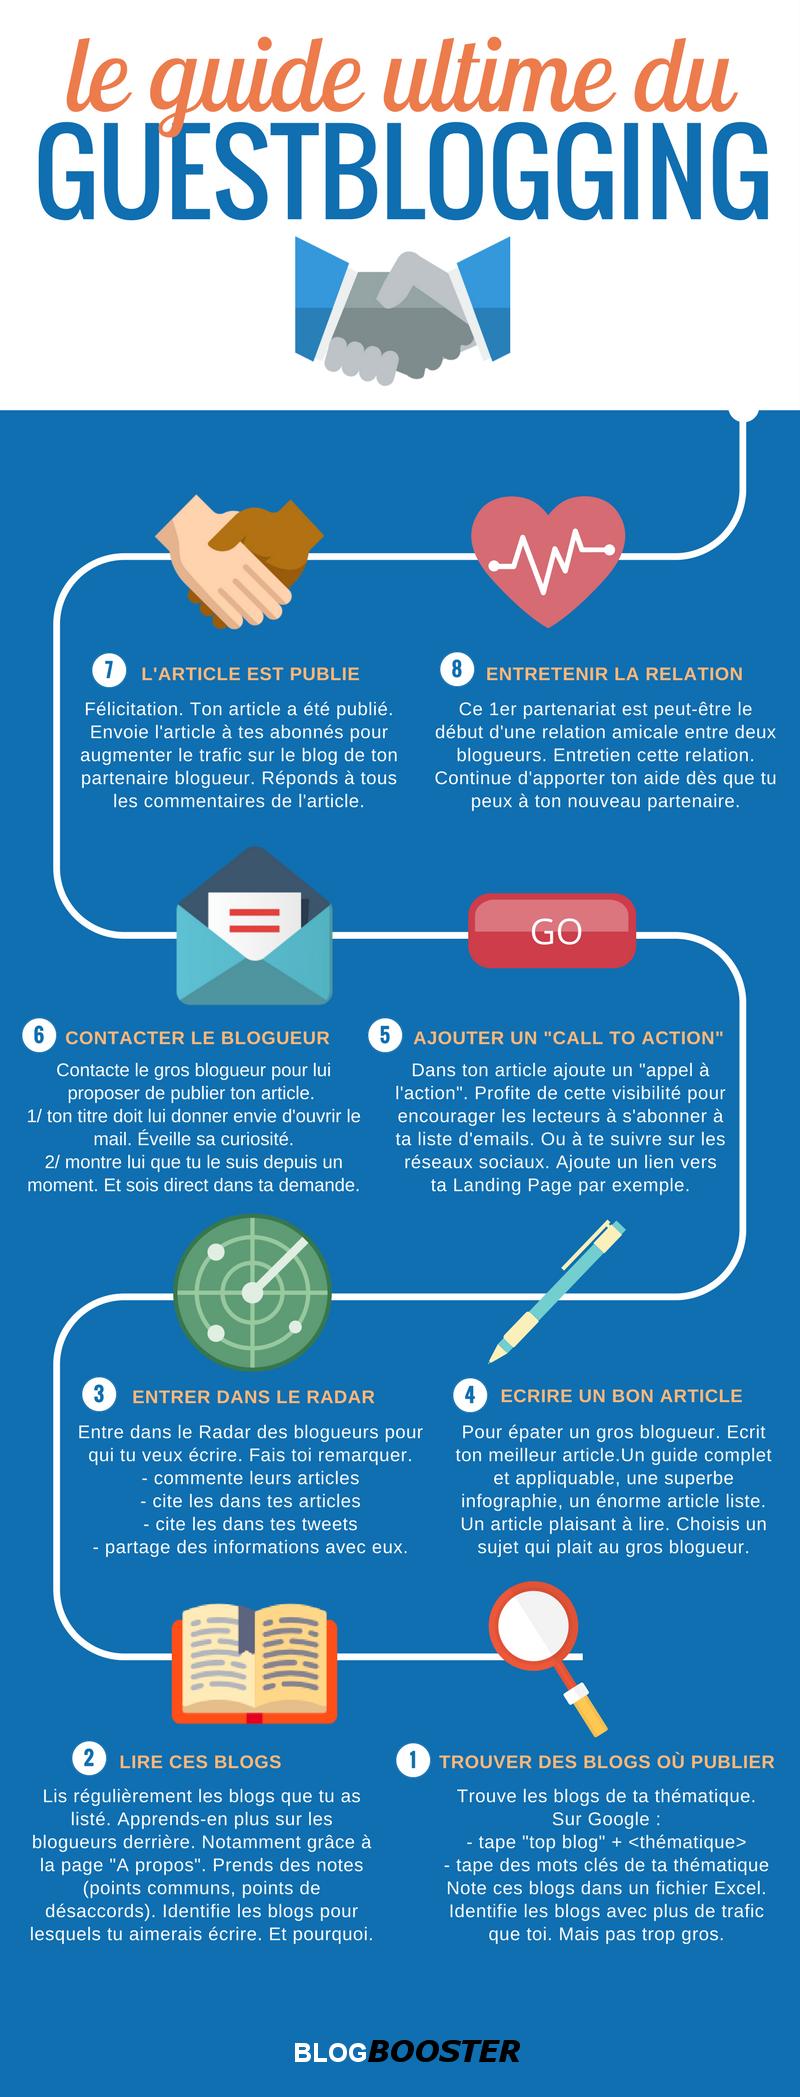 guestblogging infographie